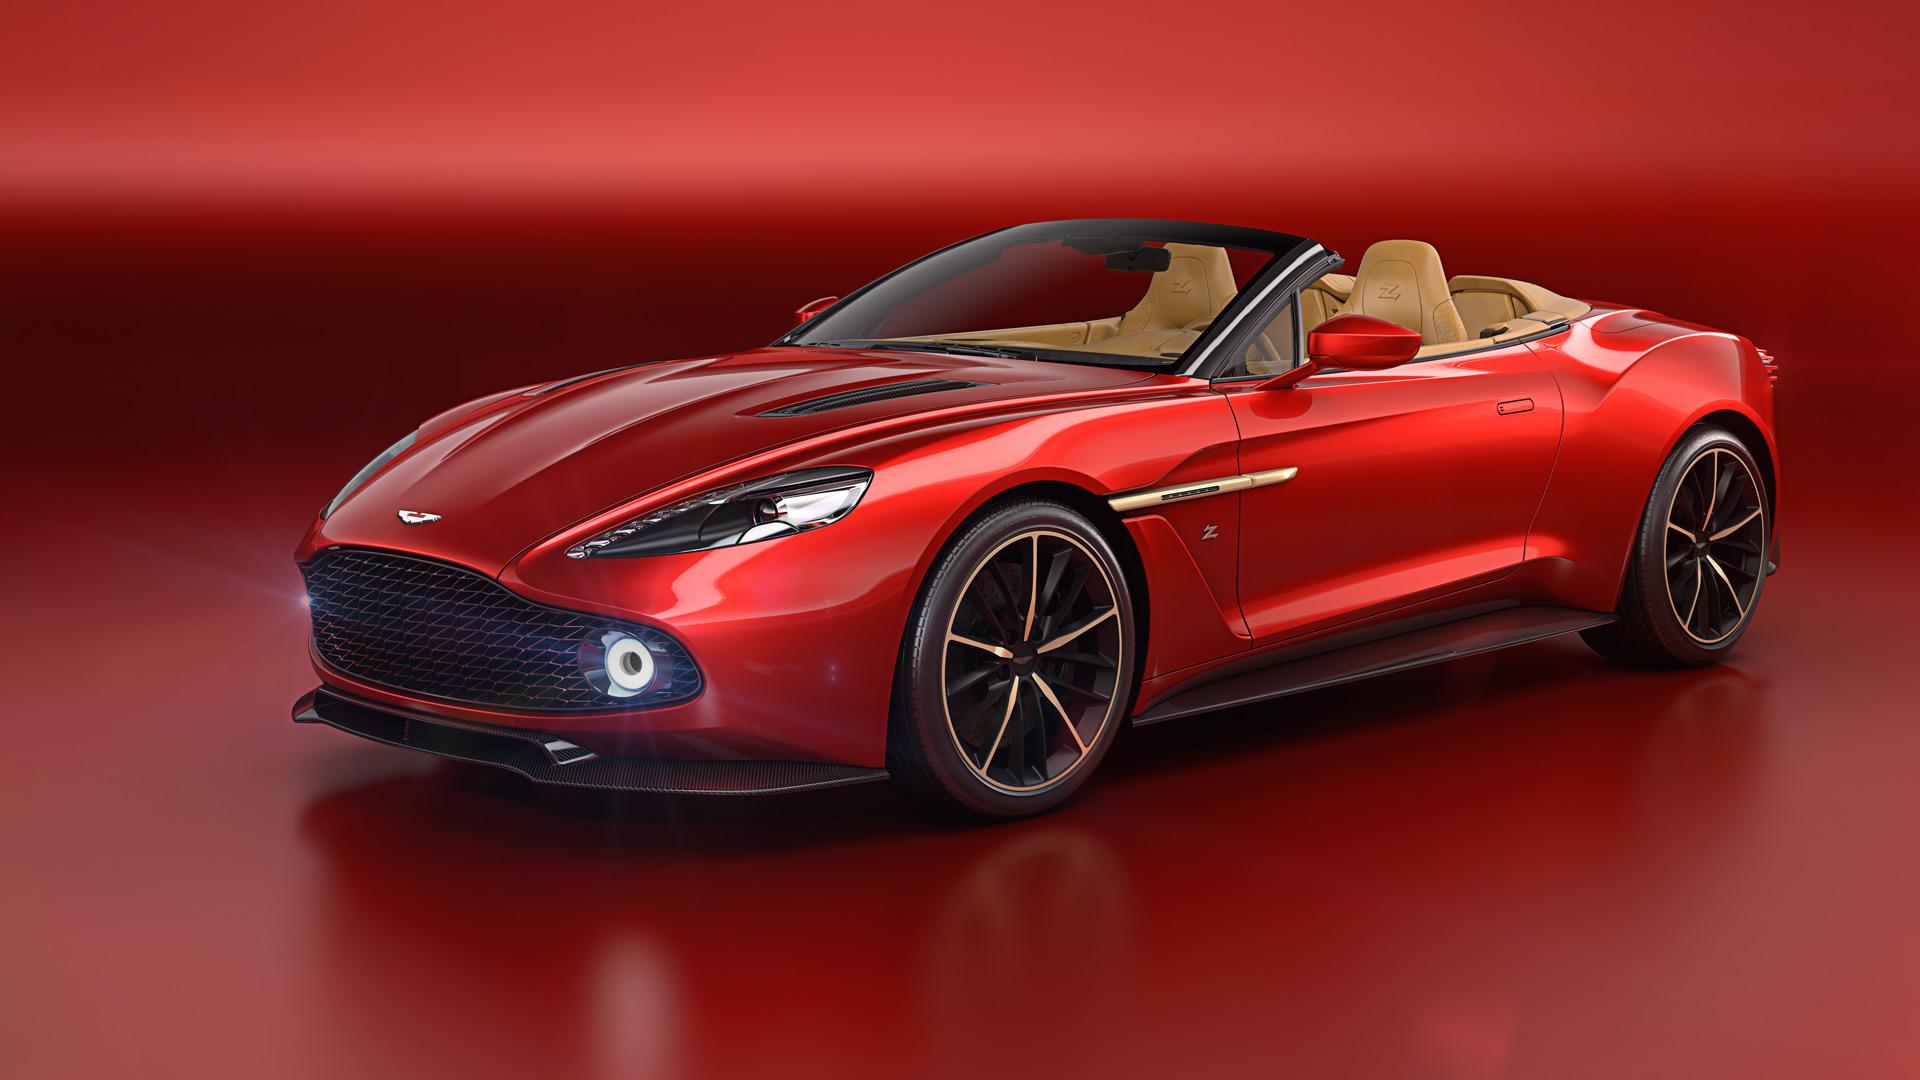 Aston Martin Vanquish Zagato Volante to debut at Pebble Beach